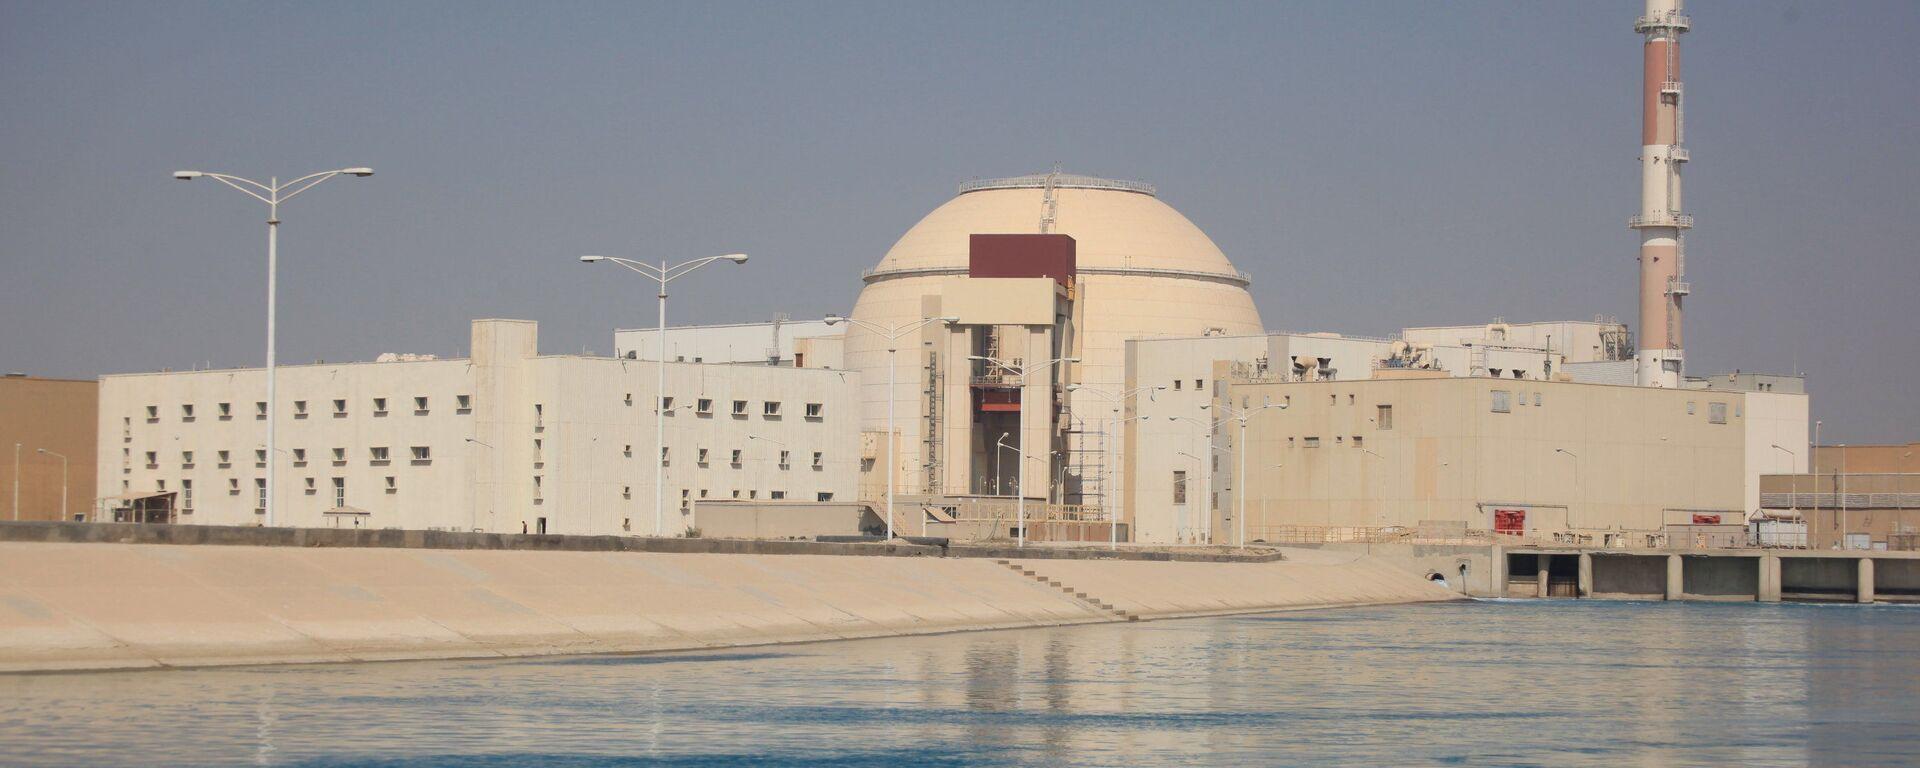 Jaderná elektrárna, Búšehr, Írán - Sputnik Česká republika, 1920, 17.04.2021